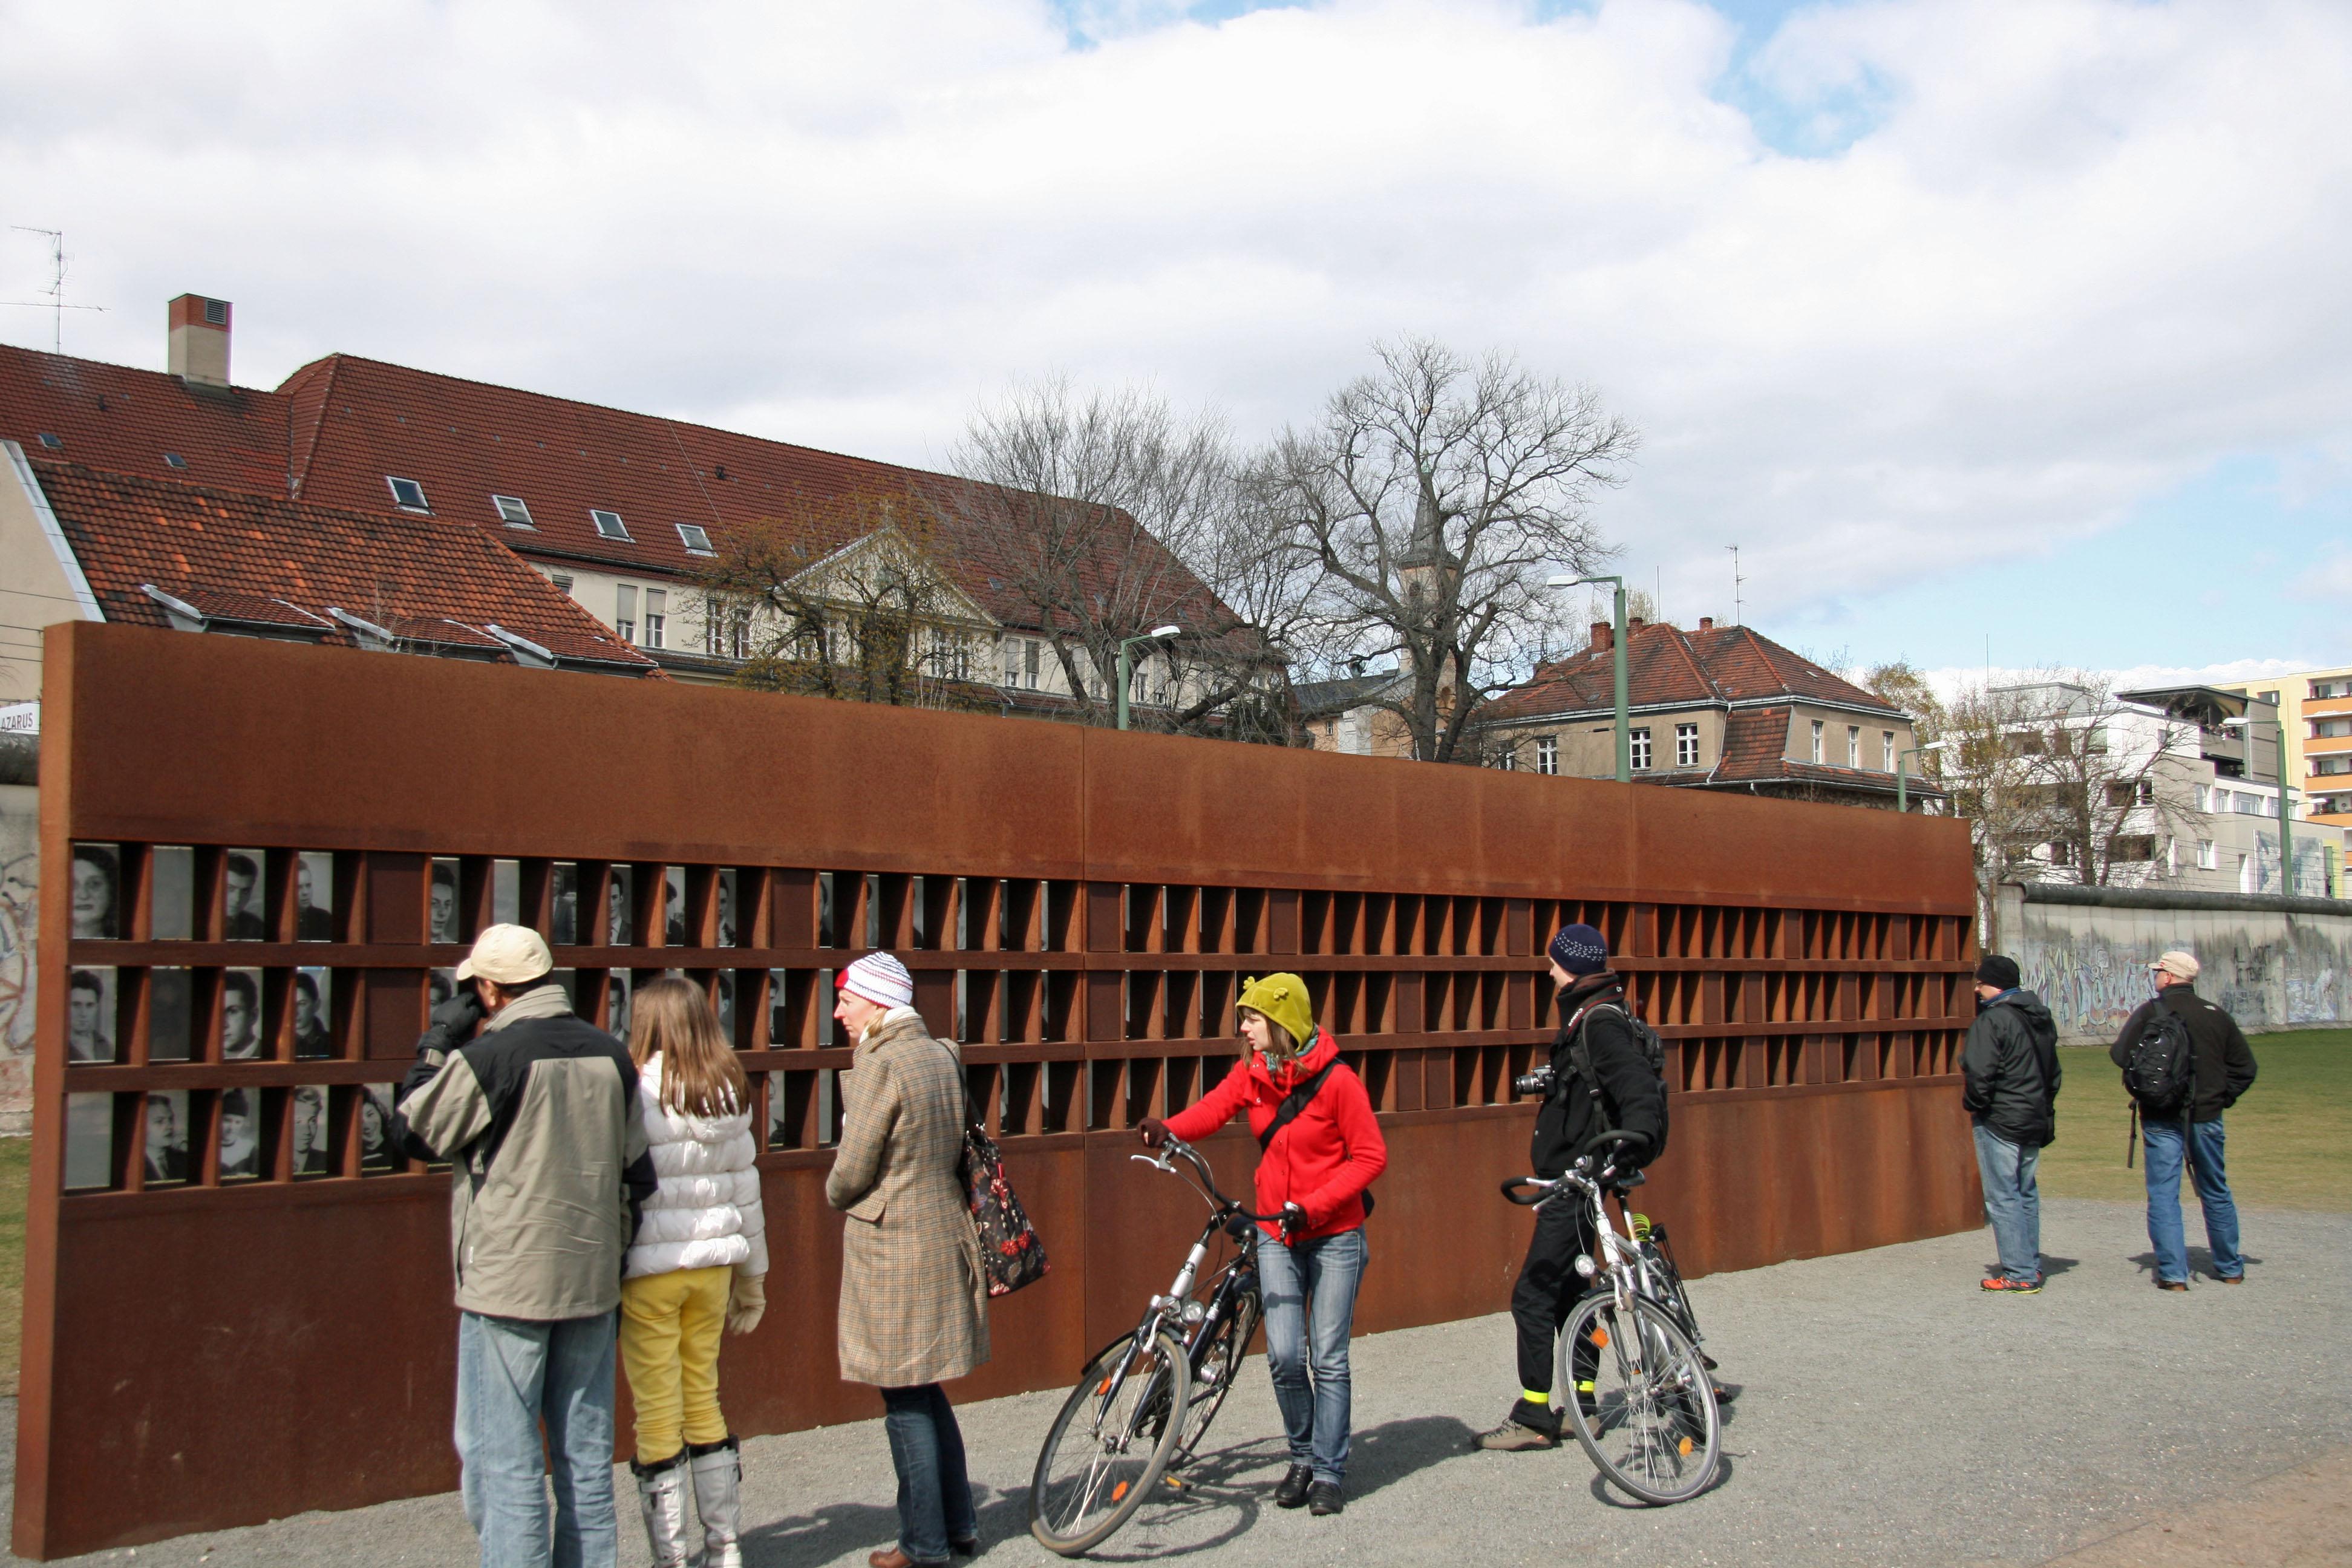 ผลการค้นหารูปภาพสำหรับ Berlin Wall Memorial